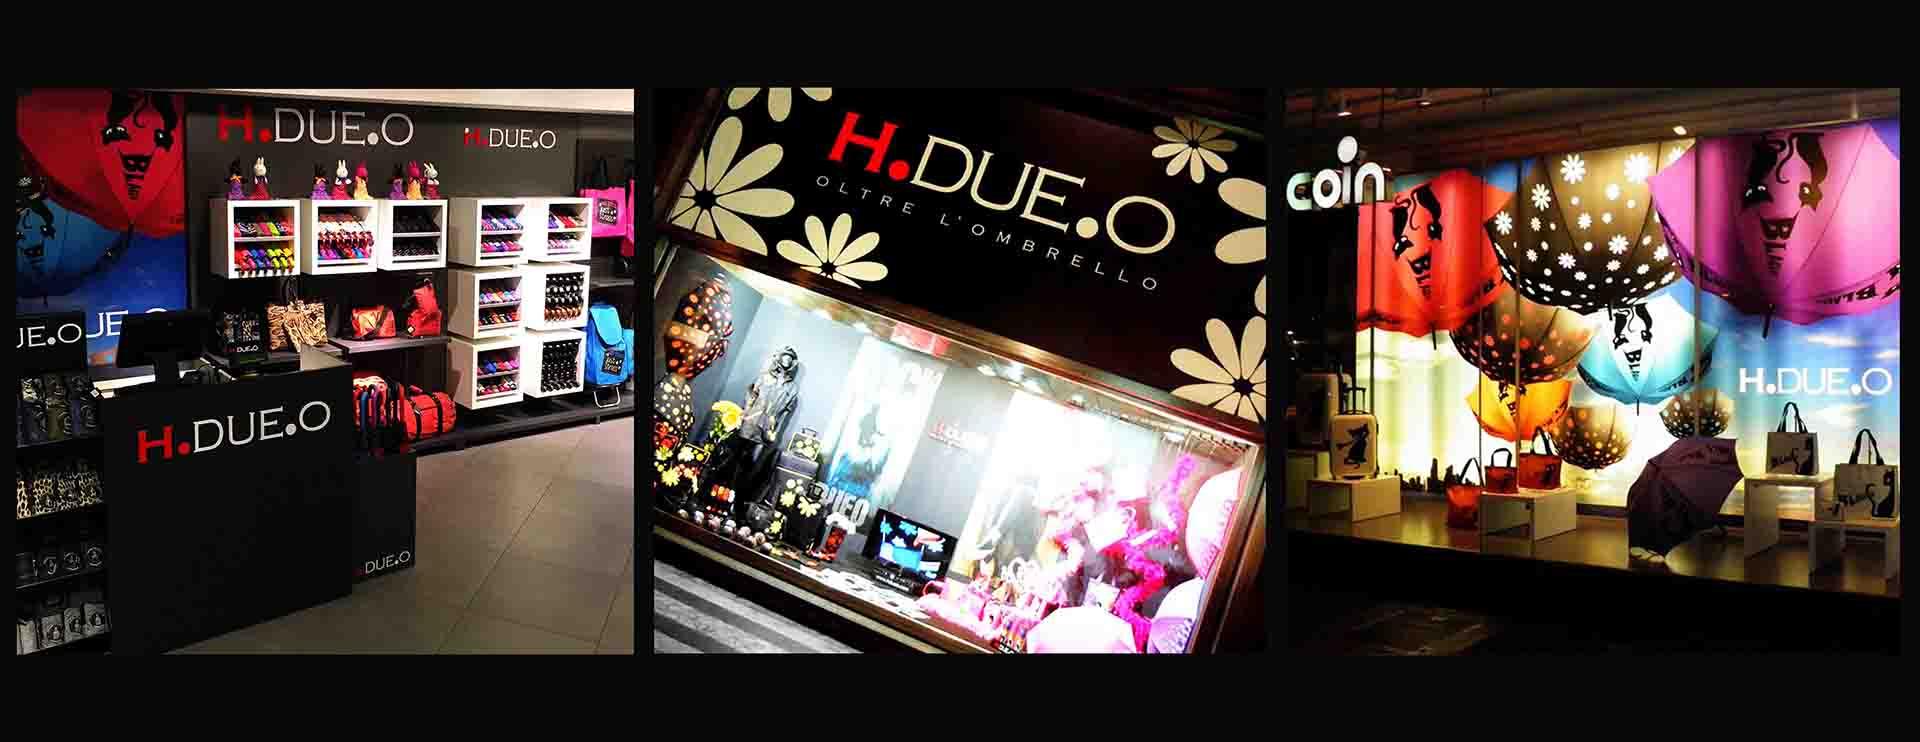 hdueo_b2b_info